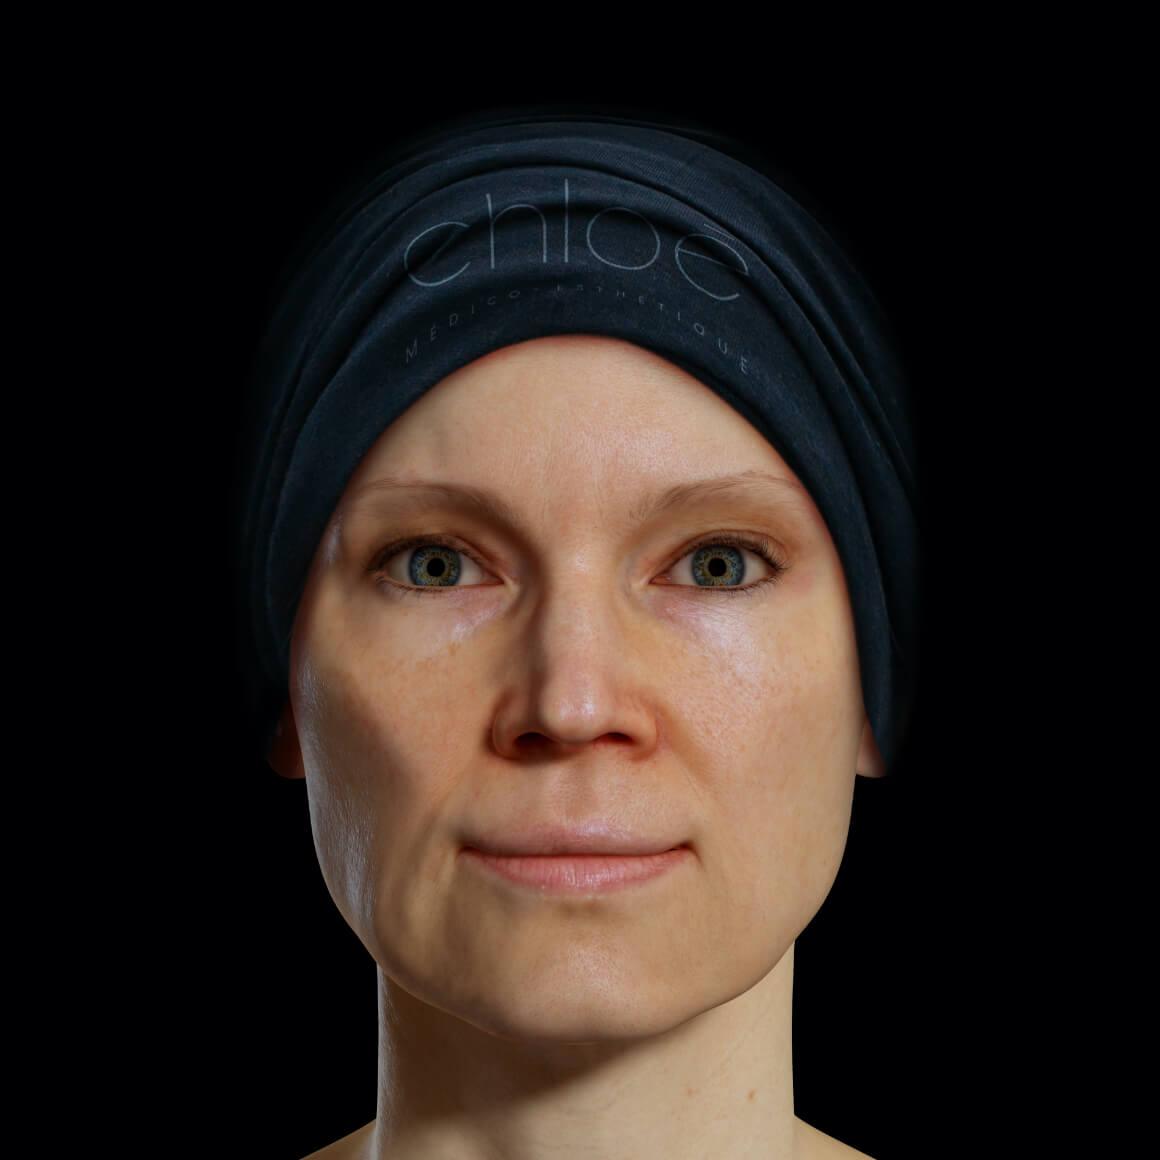 Une patiente de la Clinique Chloé positionnée de face après des traitements au laser Fotona 4D pour effacer les rides